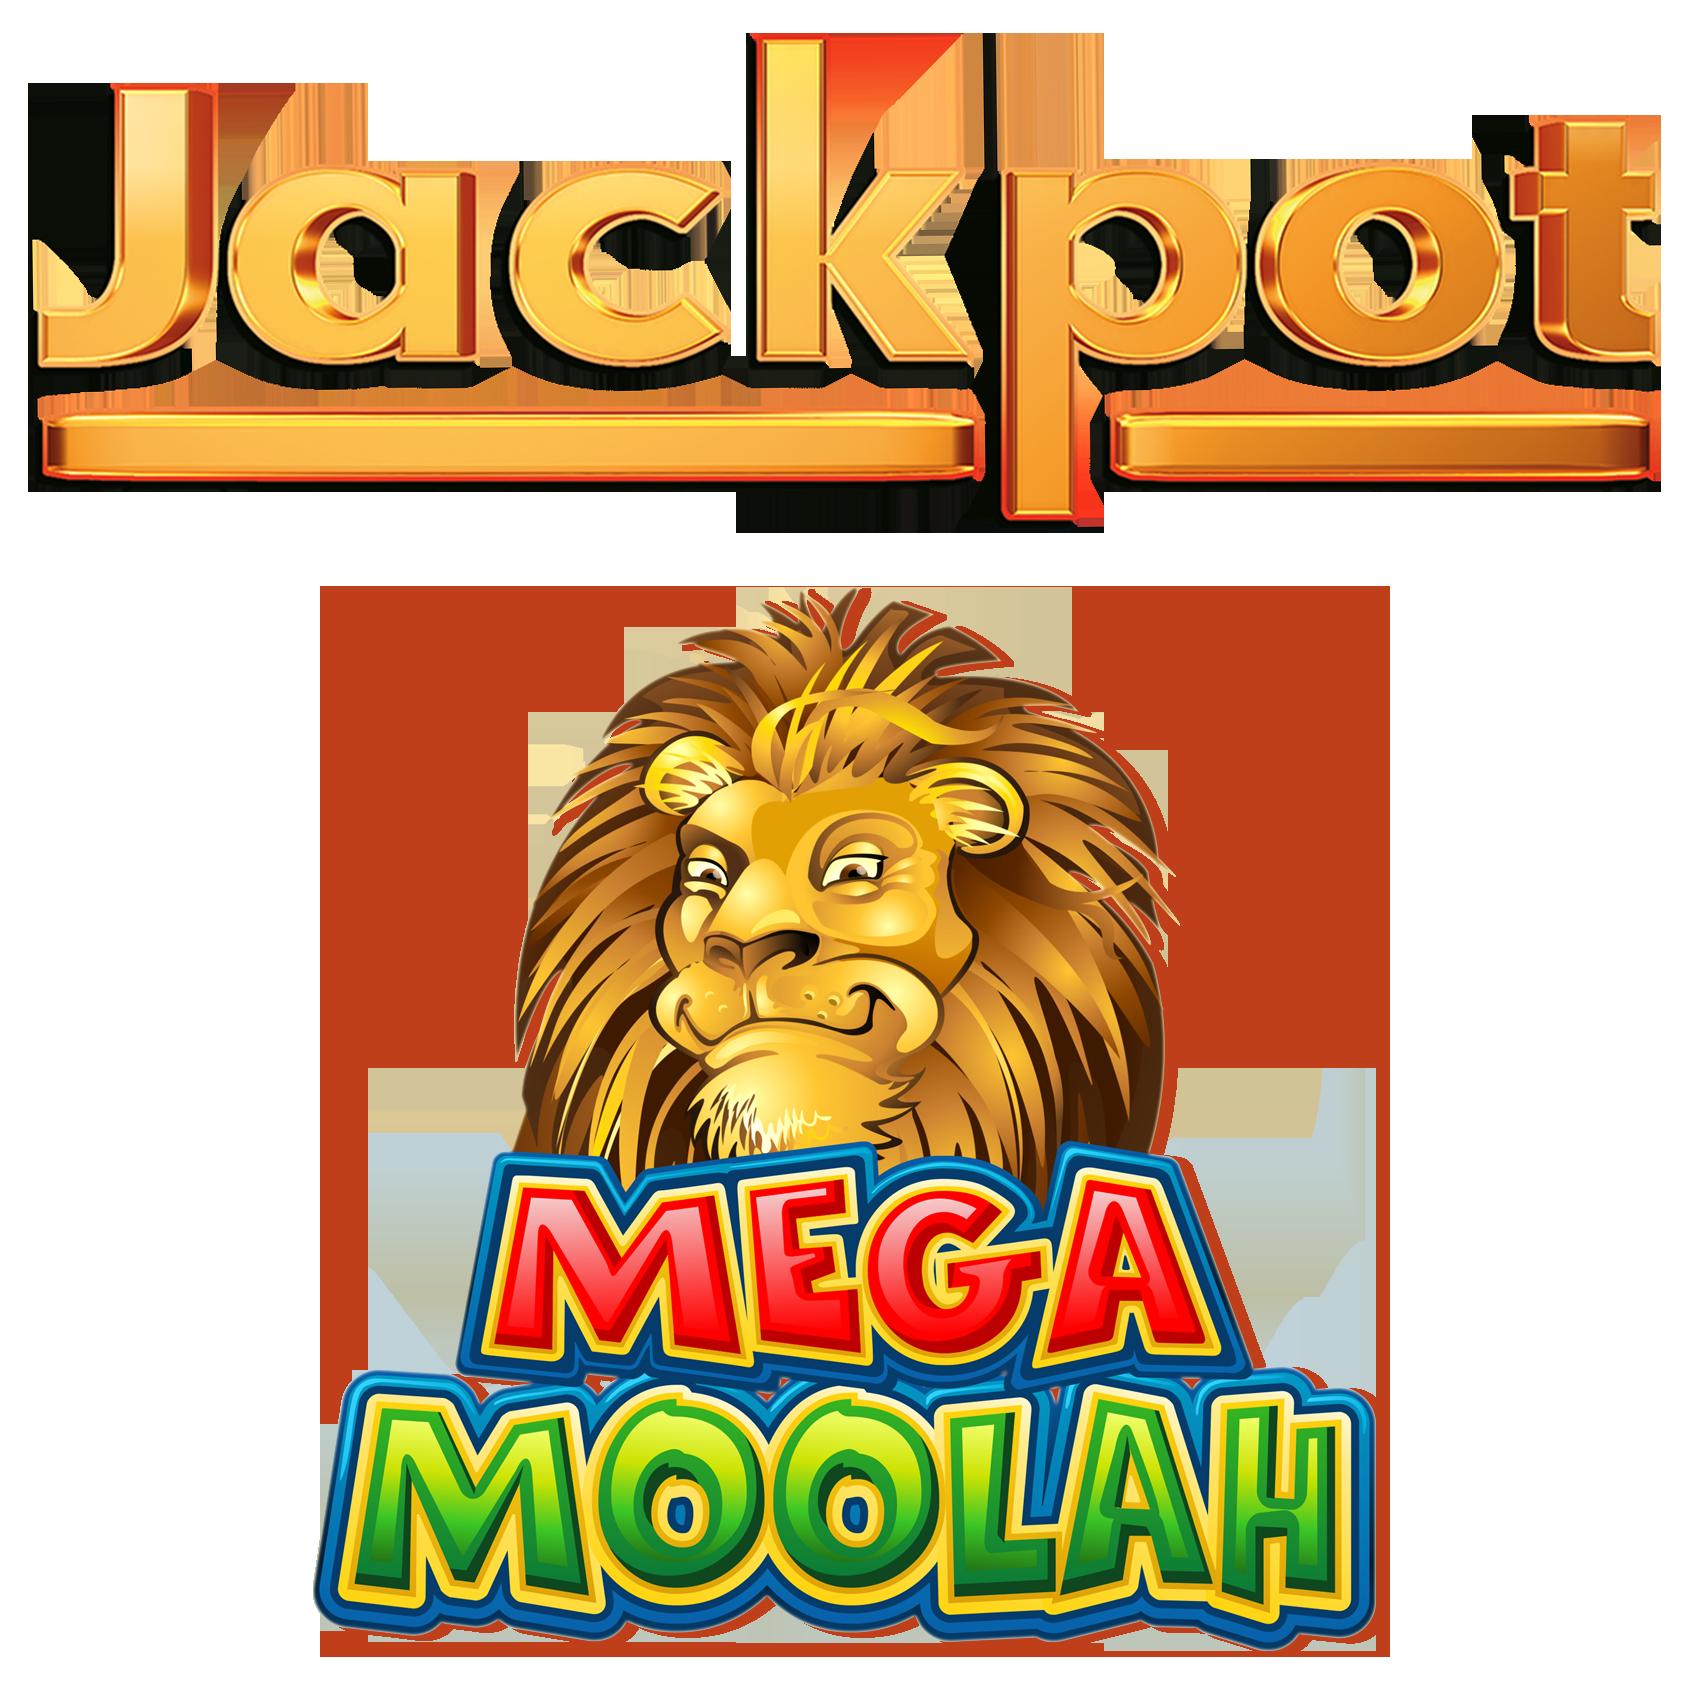 Jackpot slots_Mega-Moolah